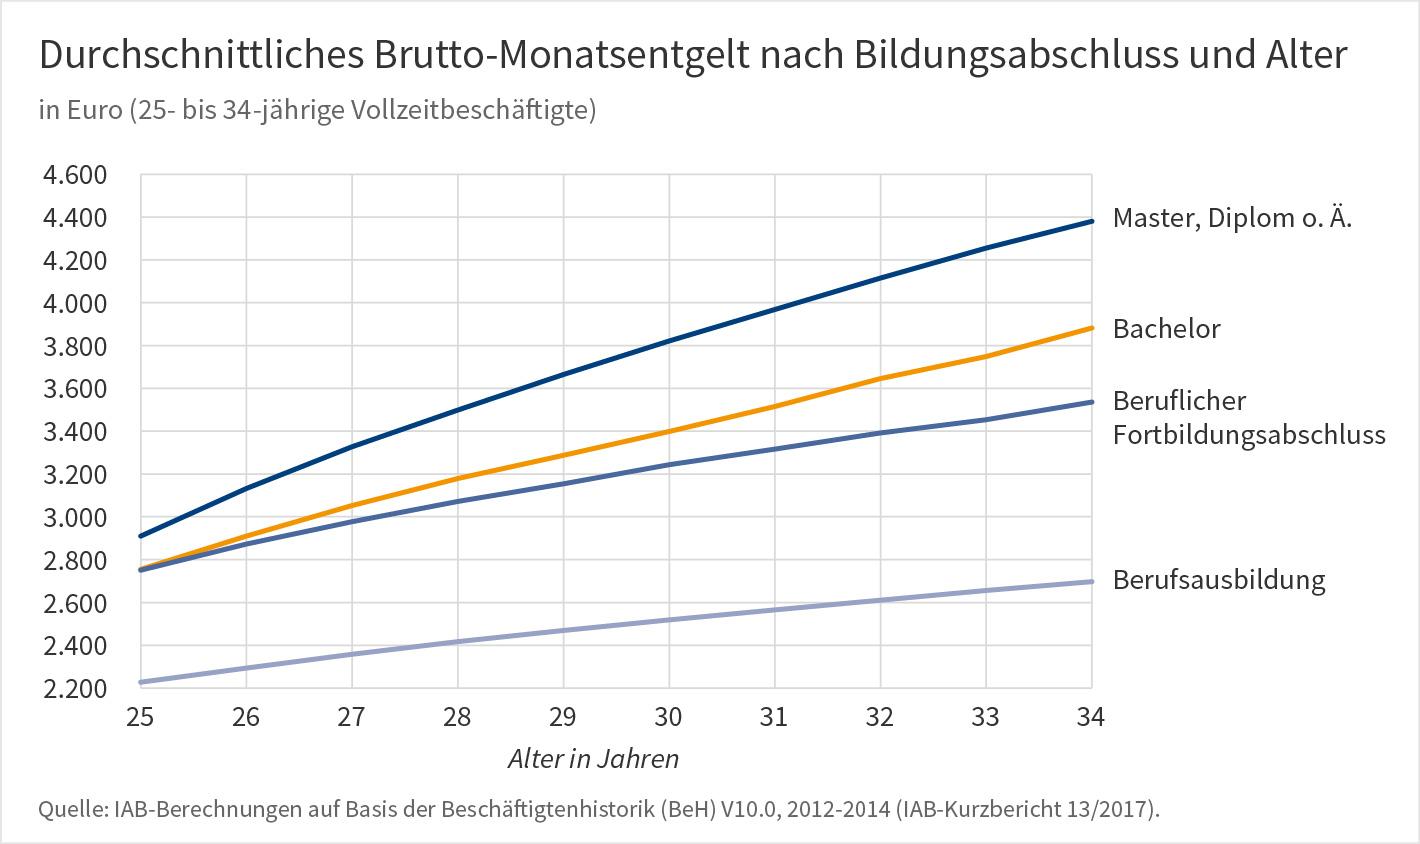 Grafik: Durchschnittliches Brutto-Monatsentgelt nach Bildungsabschluss und Alter